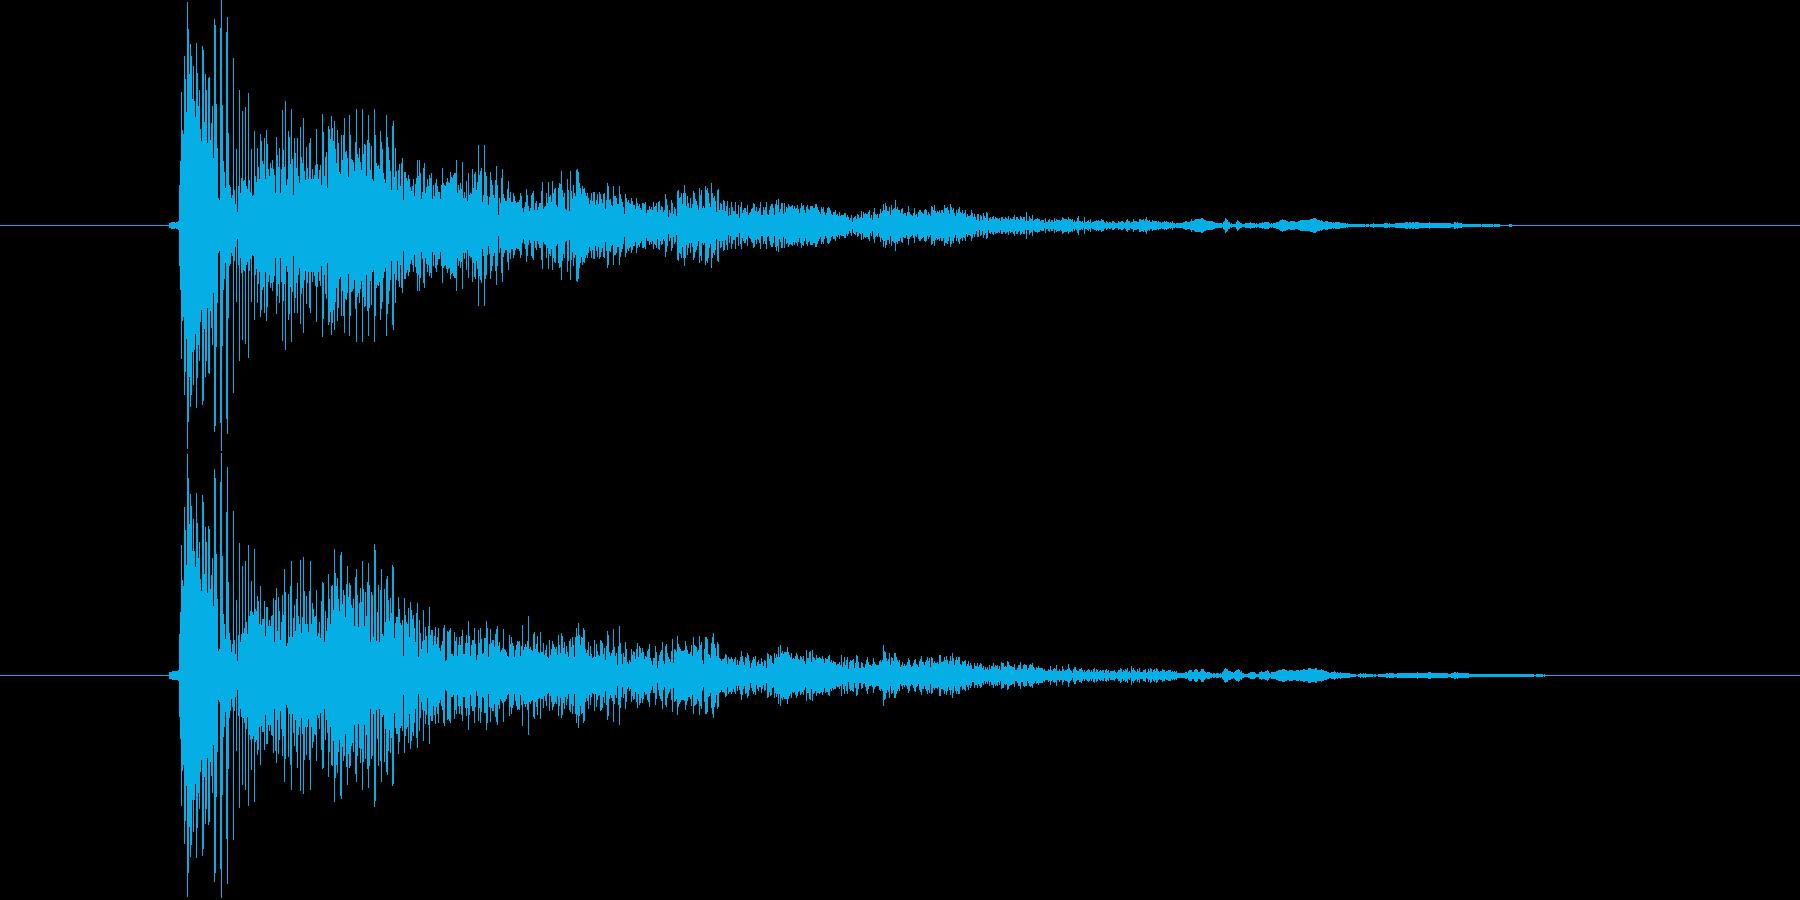 口琴6 ぼよよよ~ん高音 コントの再生済みの波形